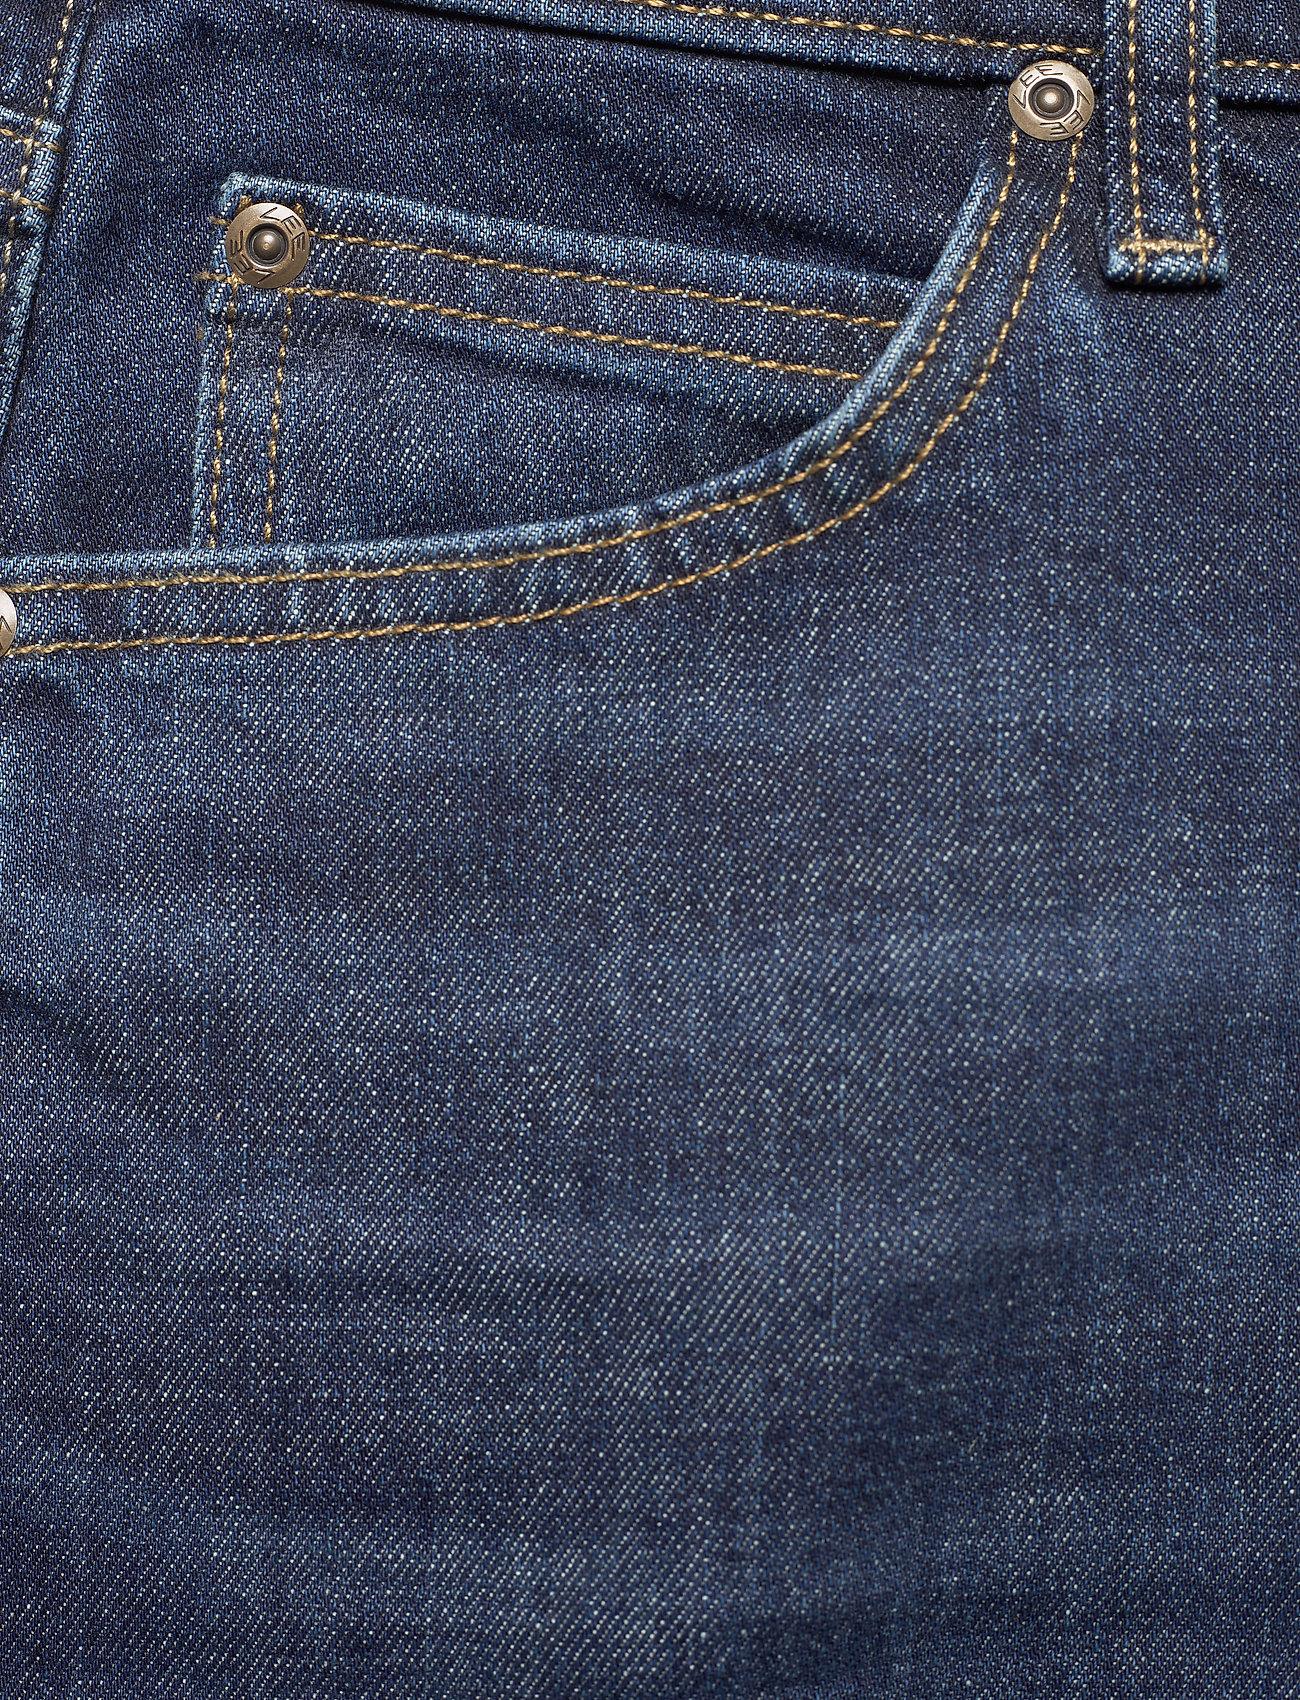 Lee Jeans Rider - Jeans DK KANSAS - Menn Klær